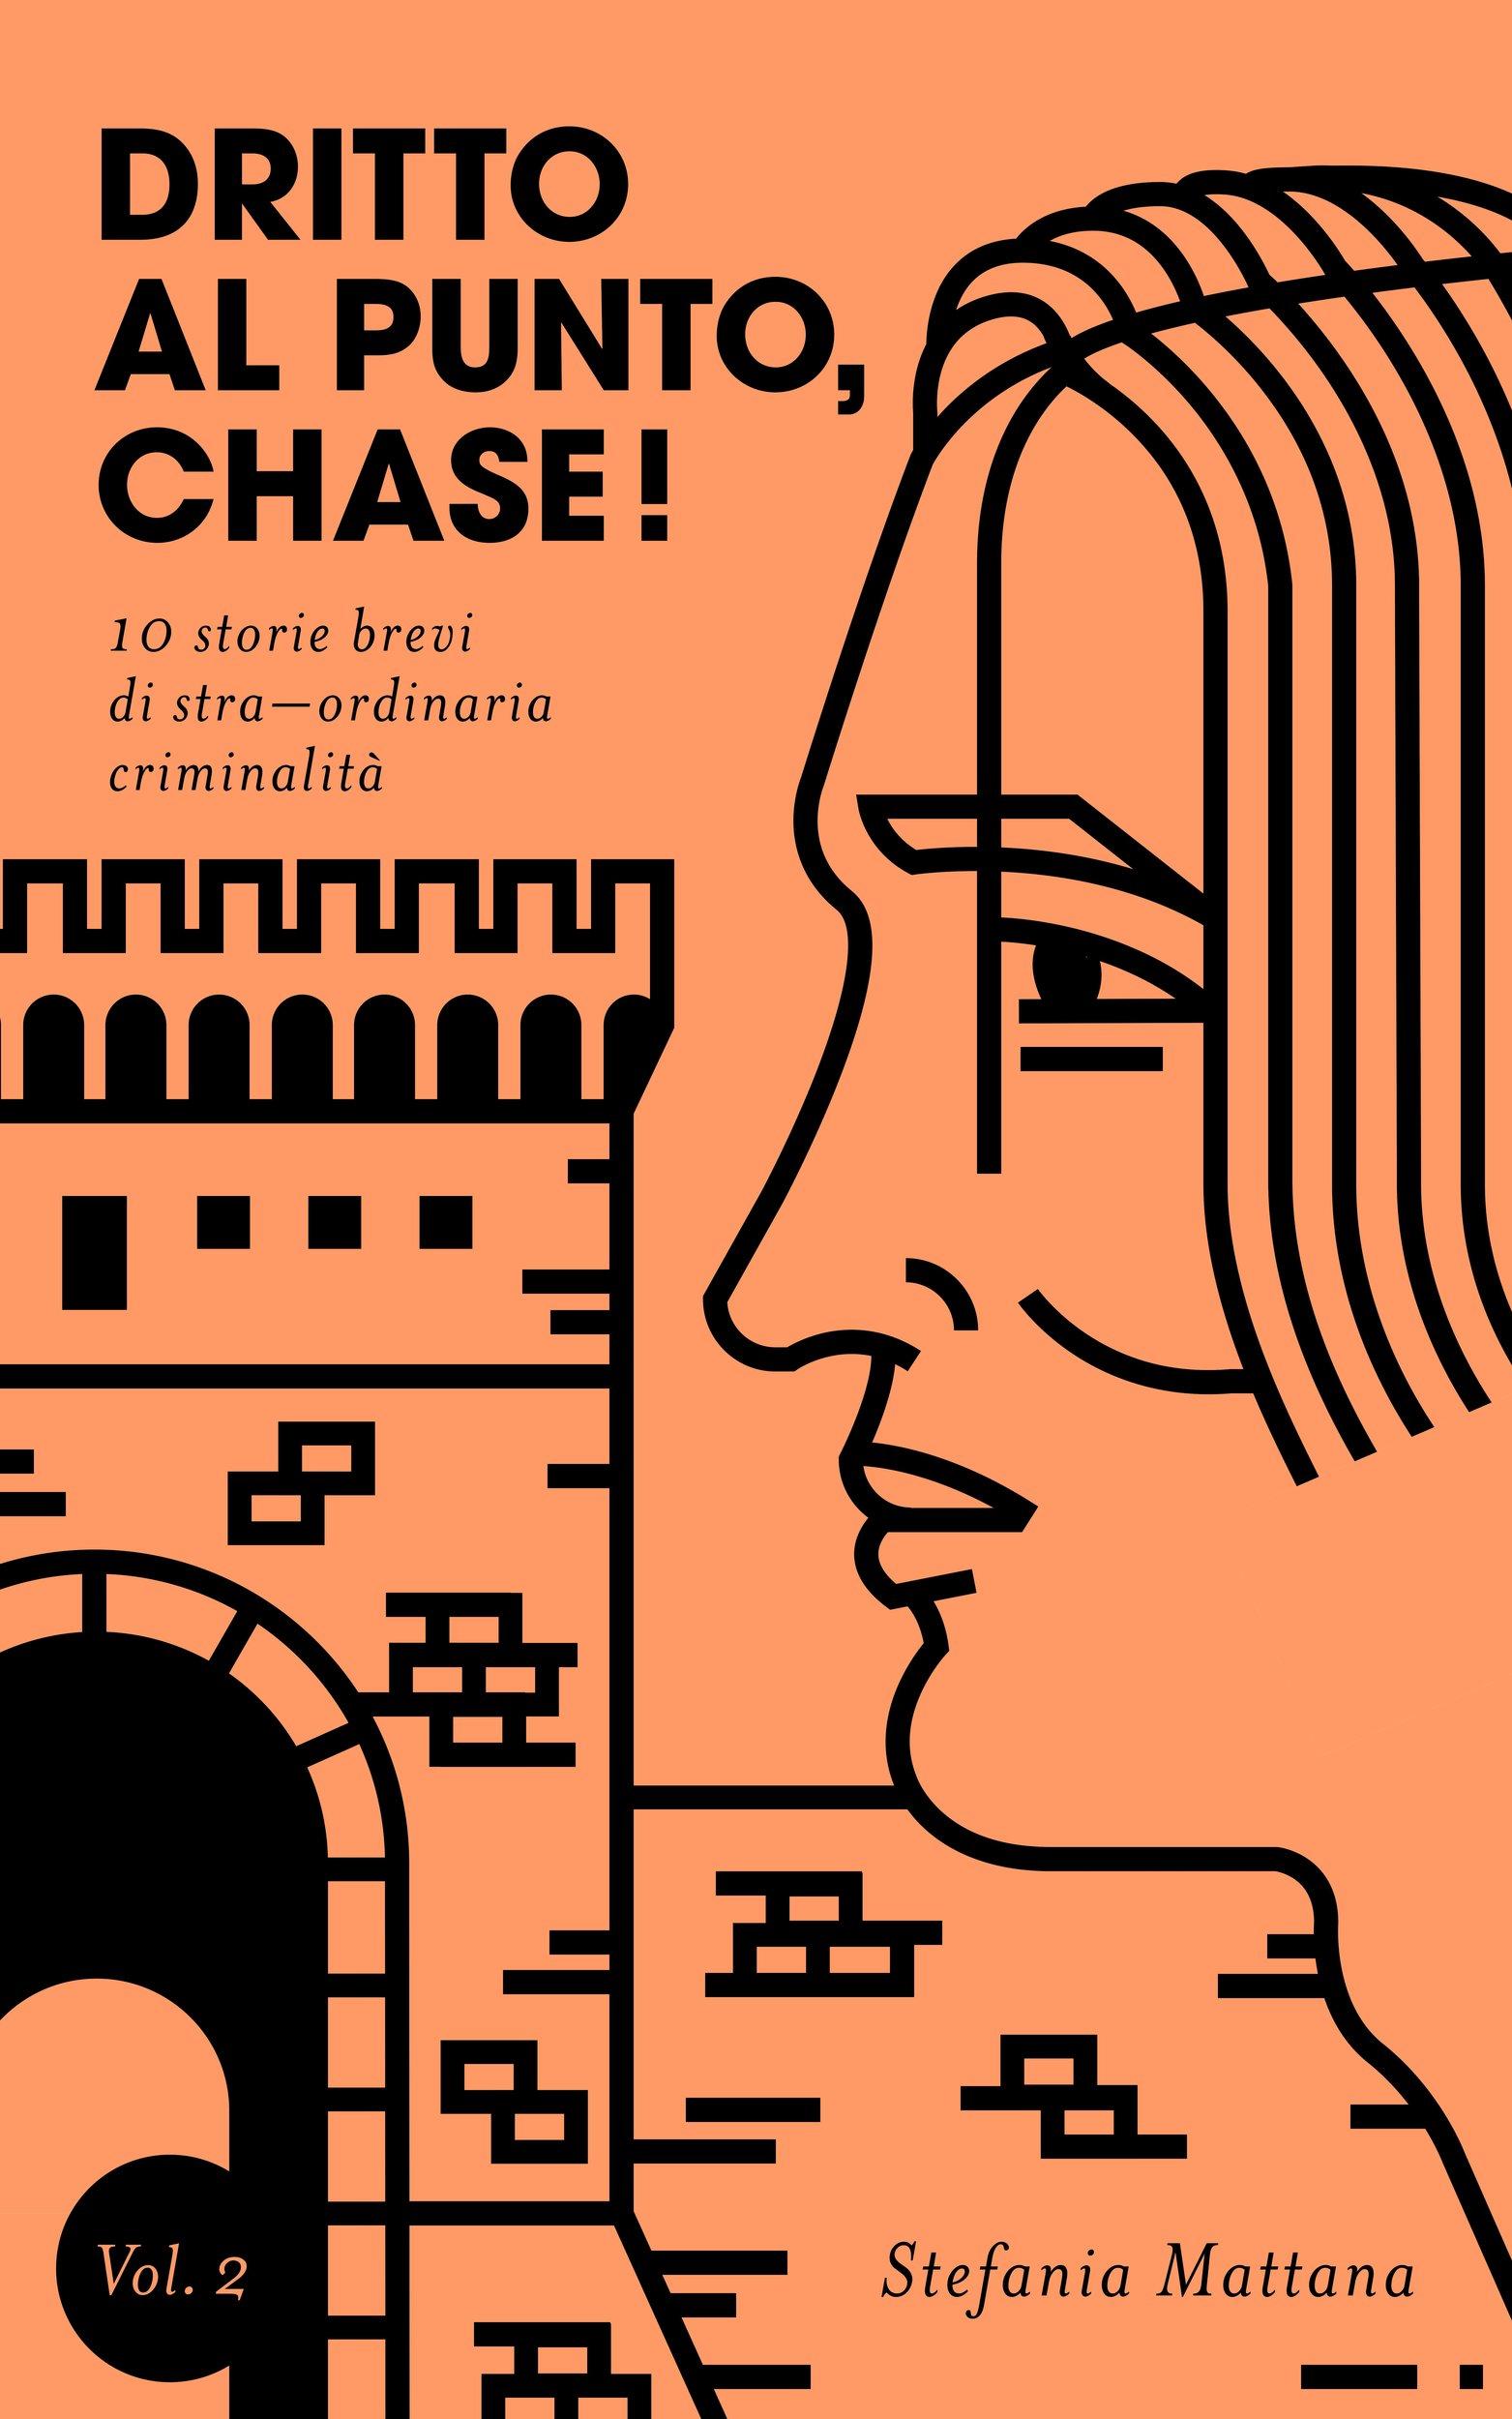 dritto al punto chase vol.2 copertina, brevi storie di detective